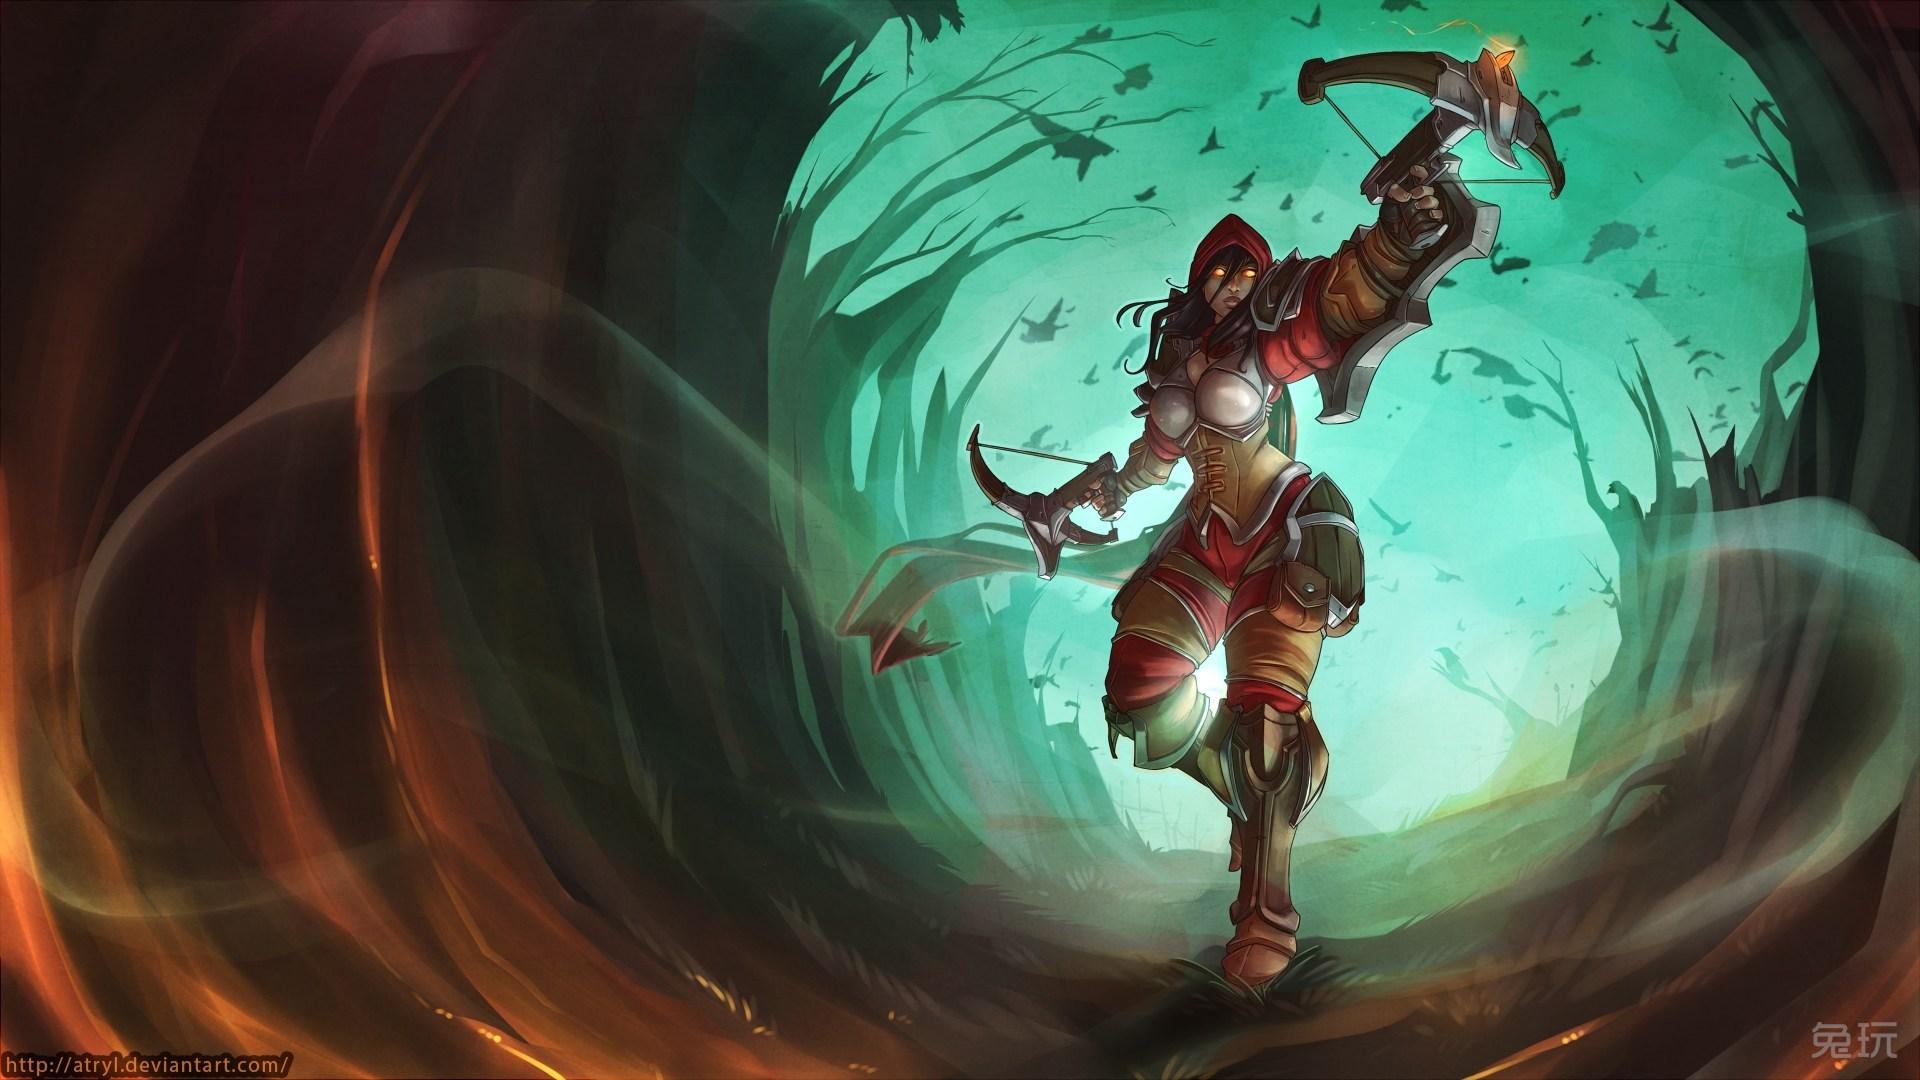 暴英雄玩家创作高清人物 壁纸 (5)-正义的化身 风暴英雄 大天使泰